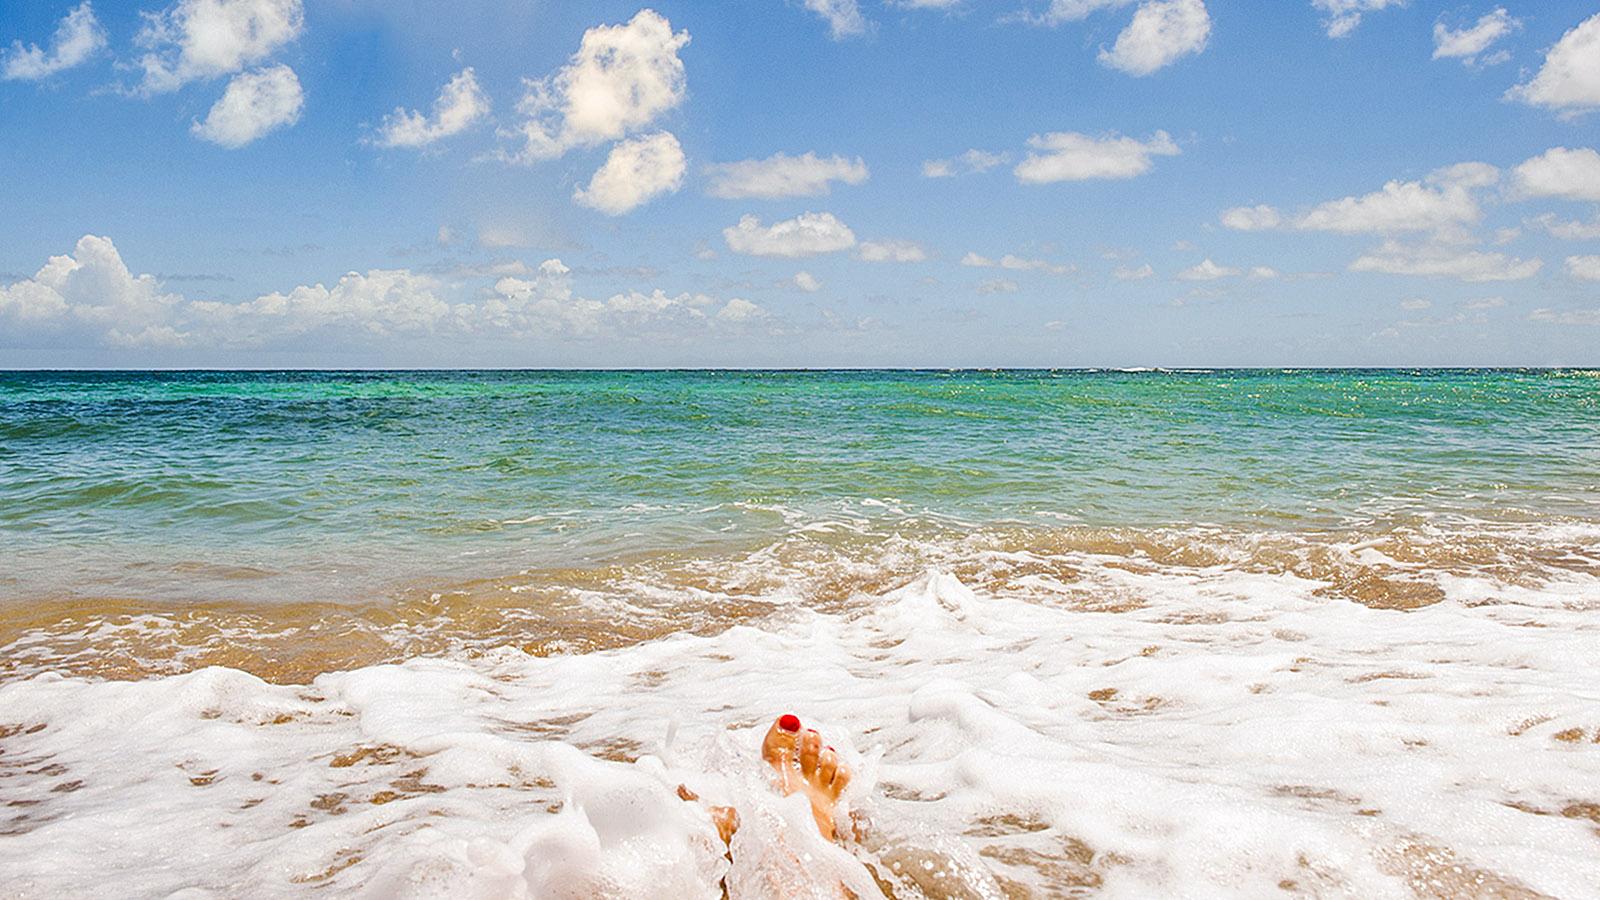 Martinique. Karibiktraum: der Strand der Anses de l'Arlet von Martinique. Foto: Hilke Maunder